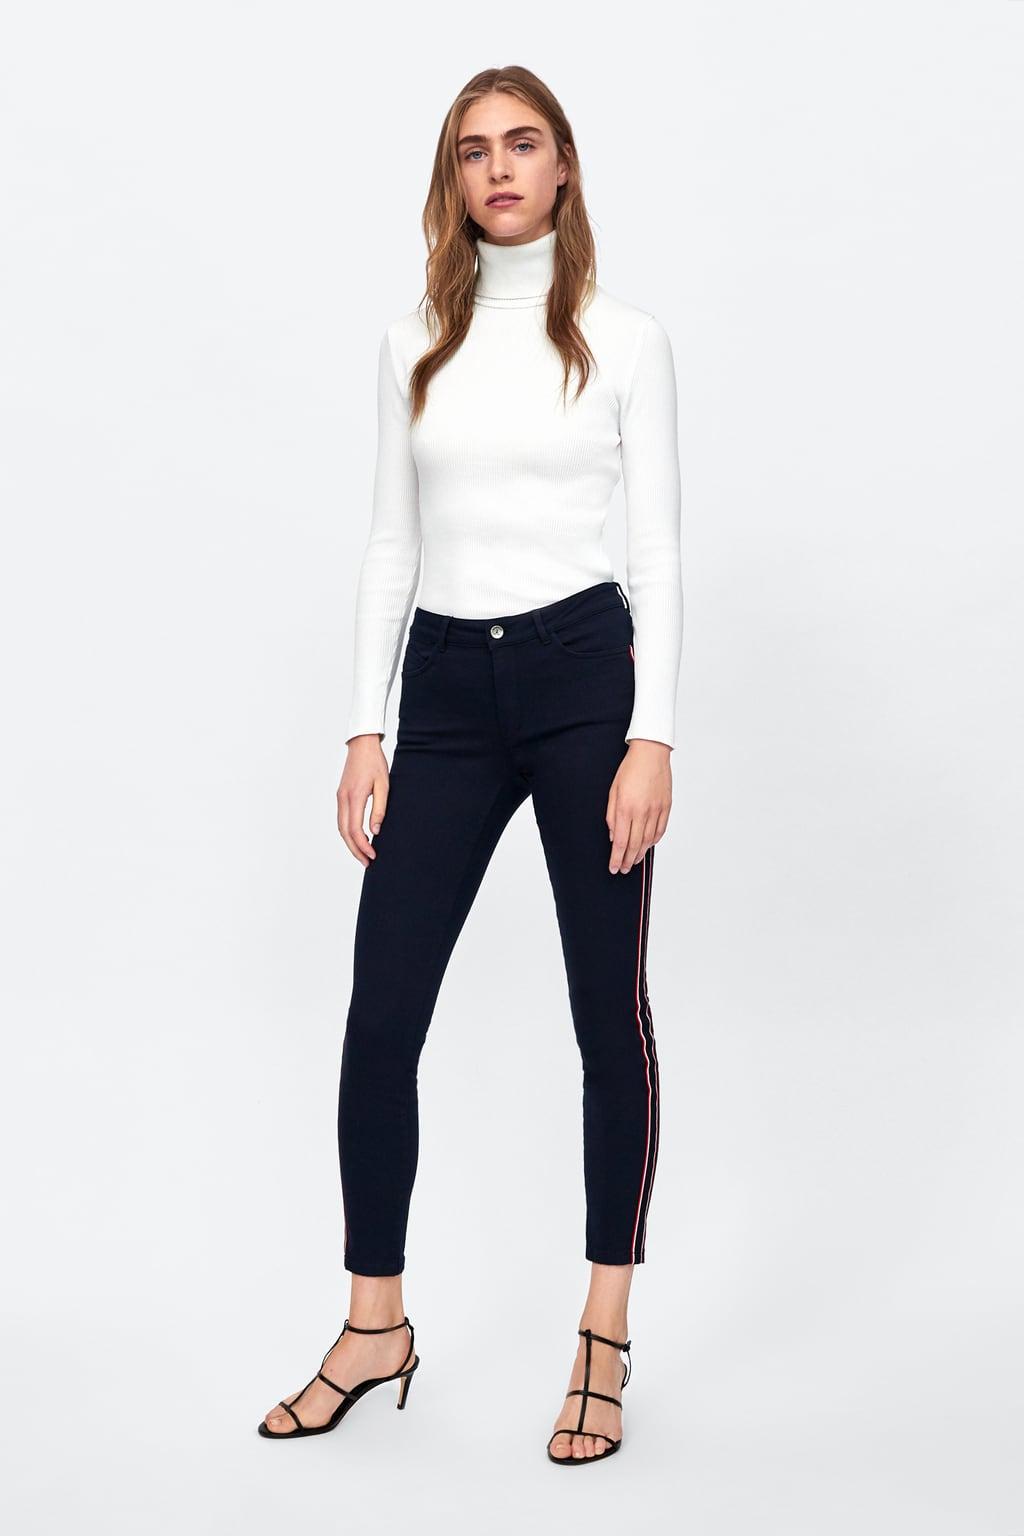 comprar baratas 044c6 4917c Pantalones de mujer con precio especial en Zara | Noticias De